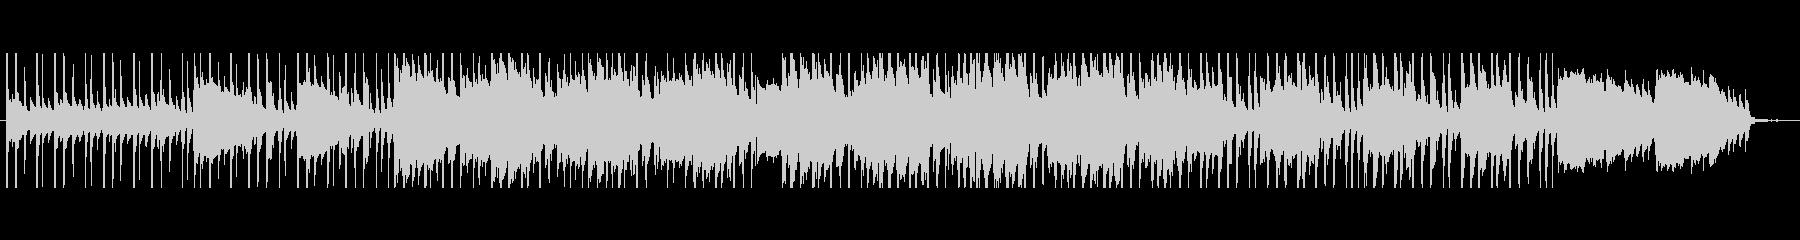 森の中を歩くBGMの未再生の波形